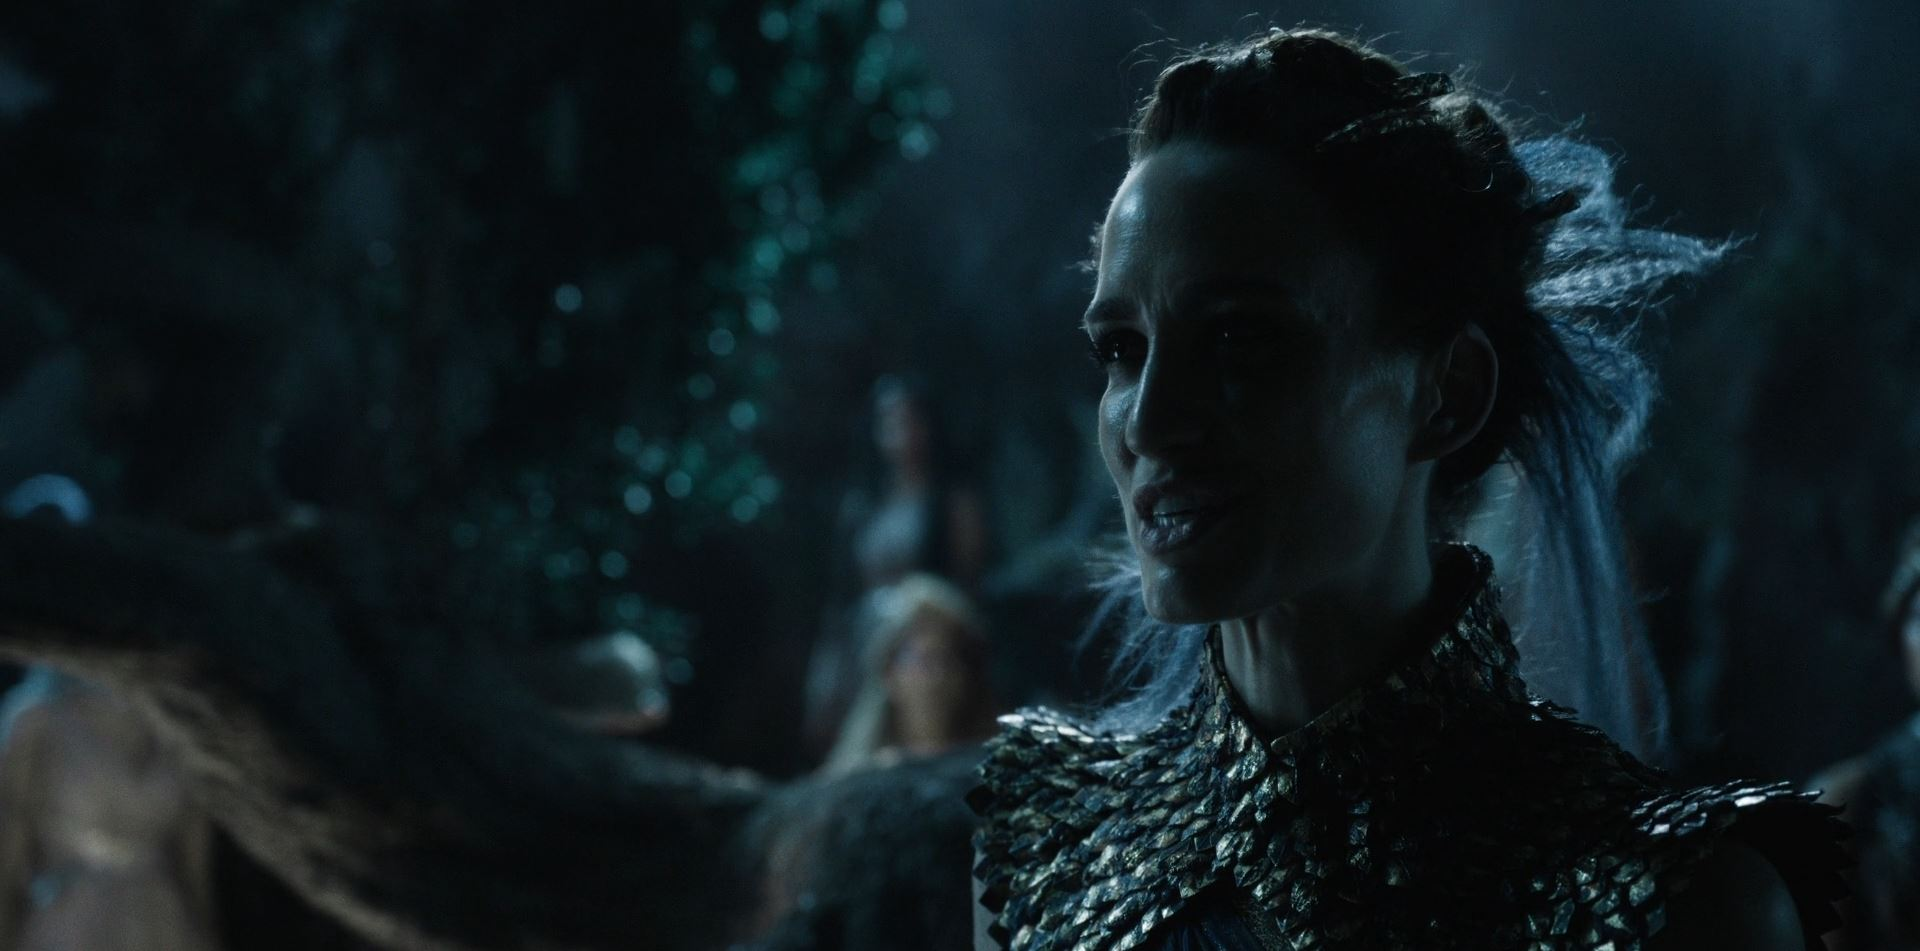 His Dark Materials Ruta Gedmintas as Serafina Pekkala